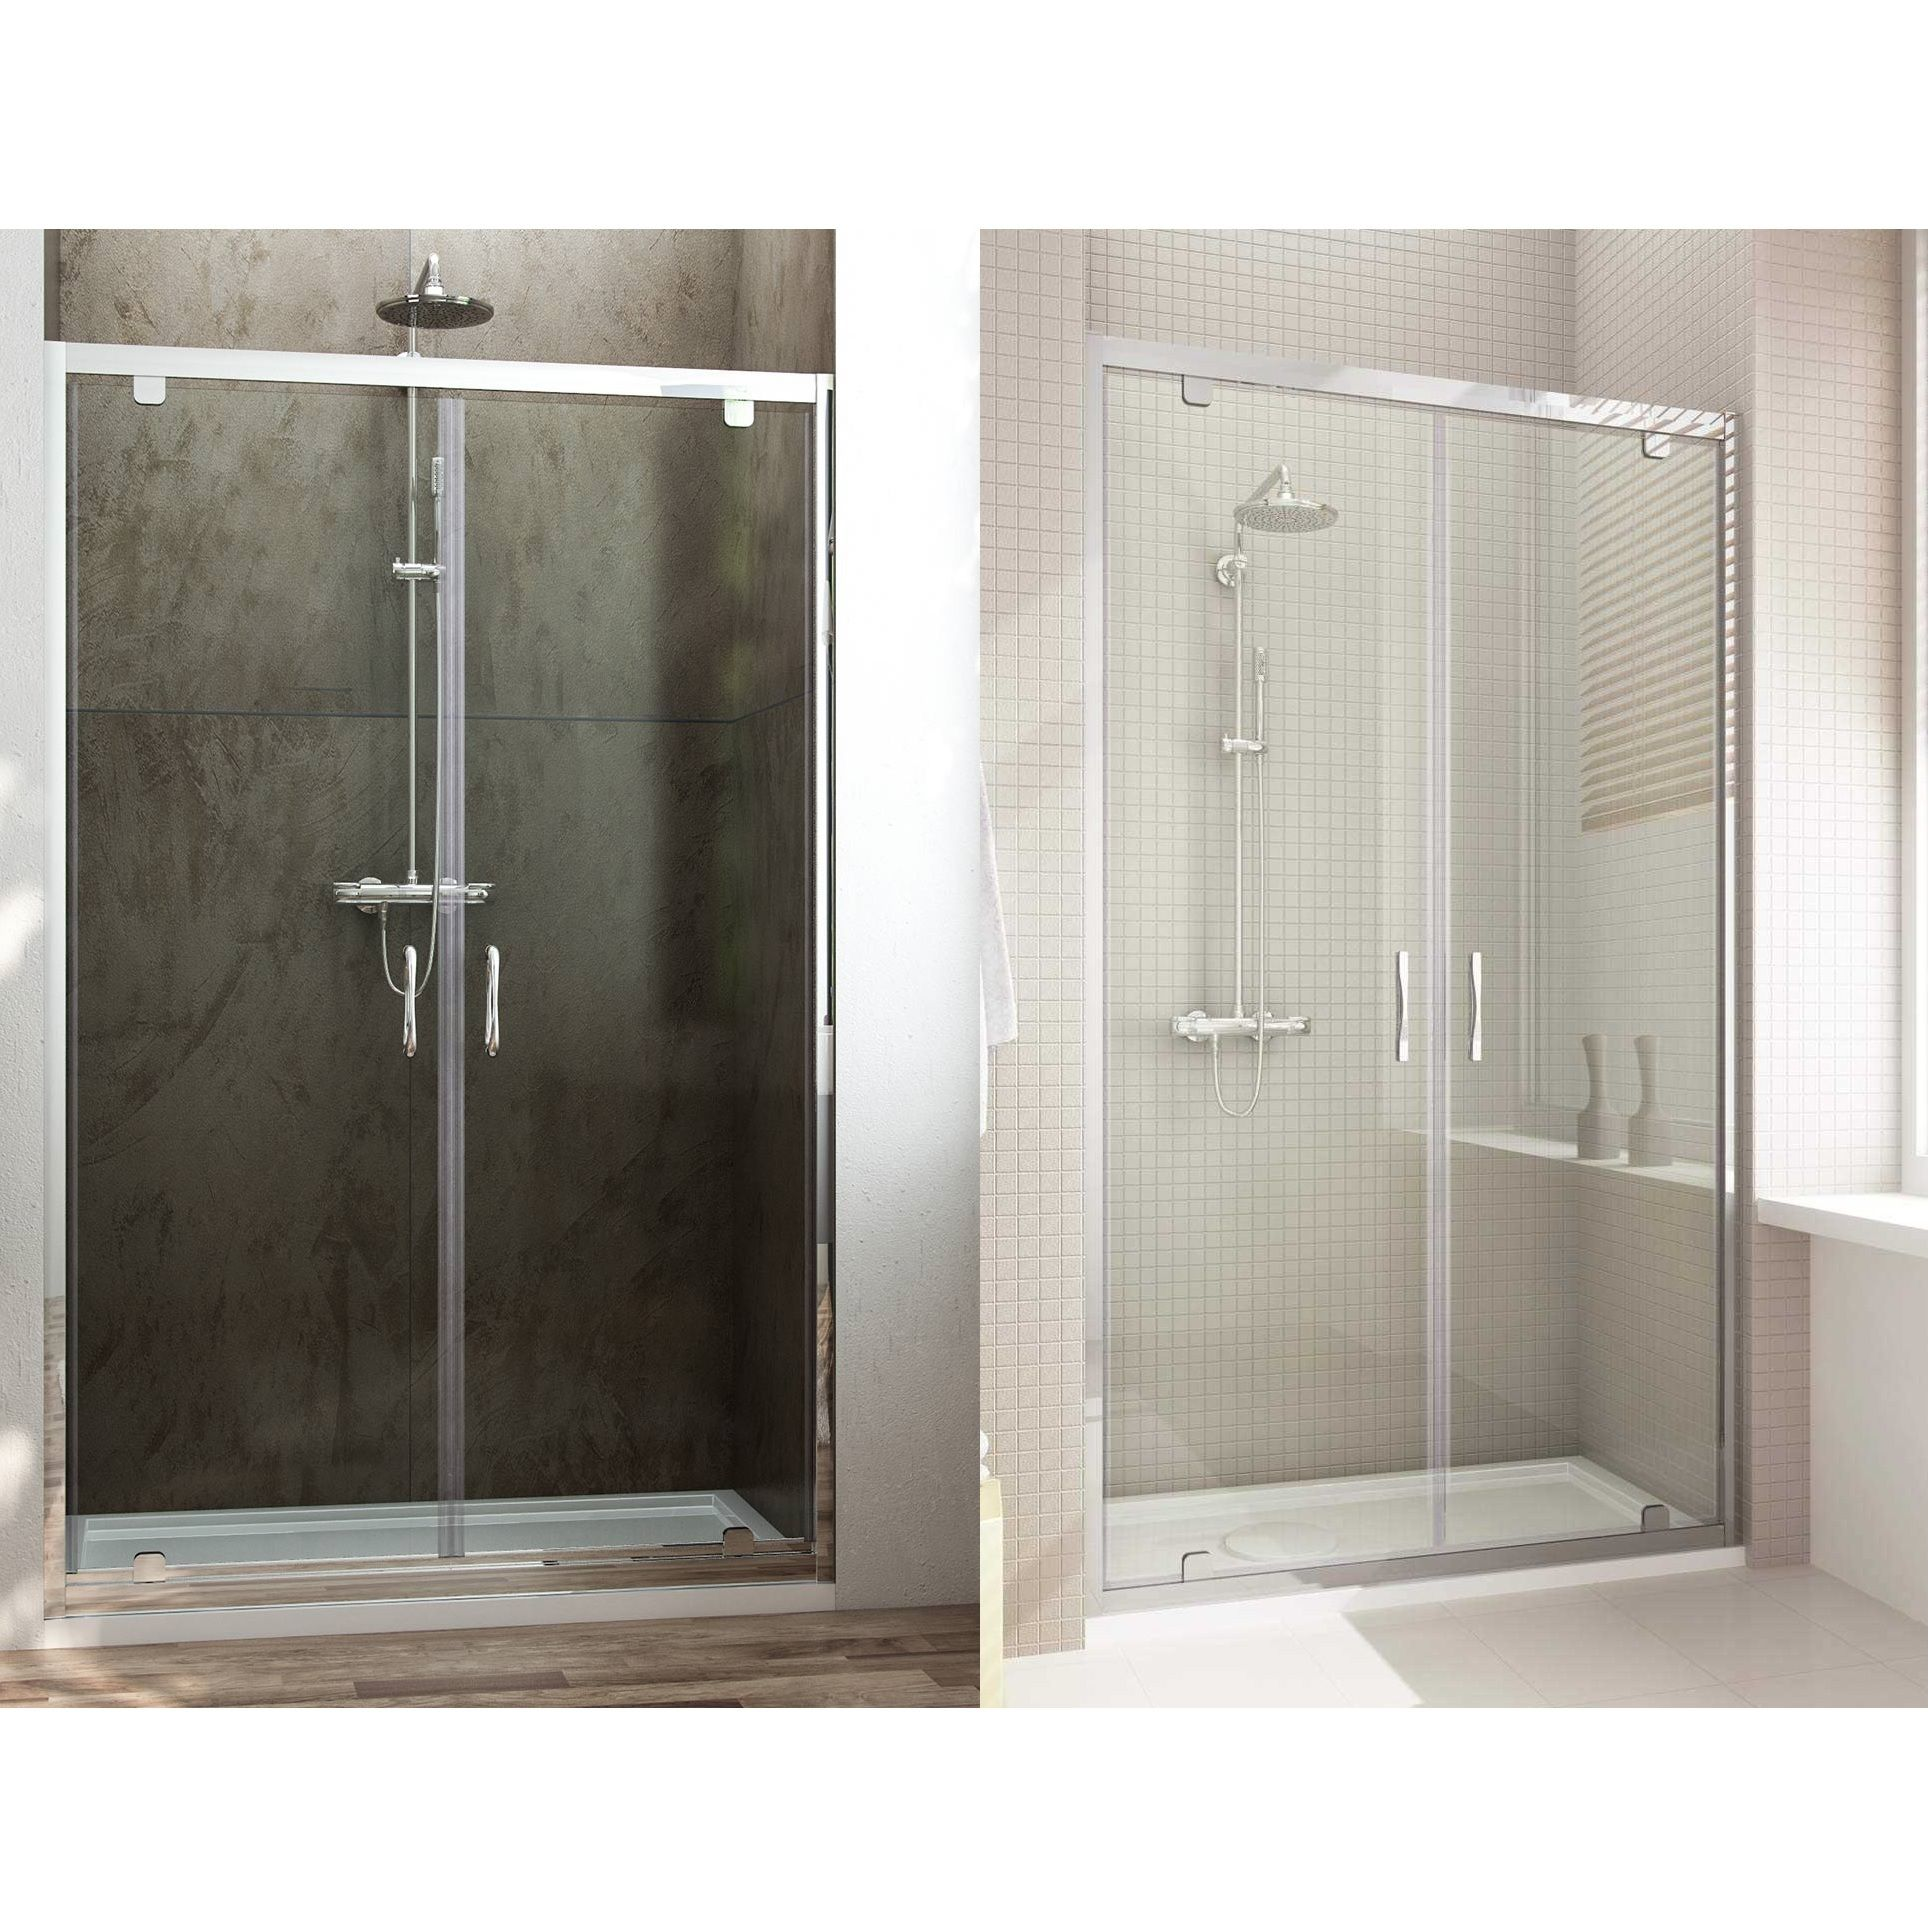 Porta doccia doppia anta a saloon H185 H198 cristallo 6 mm